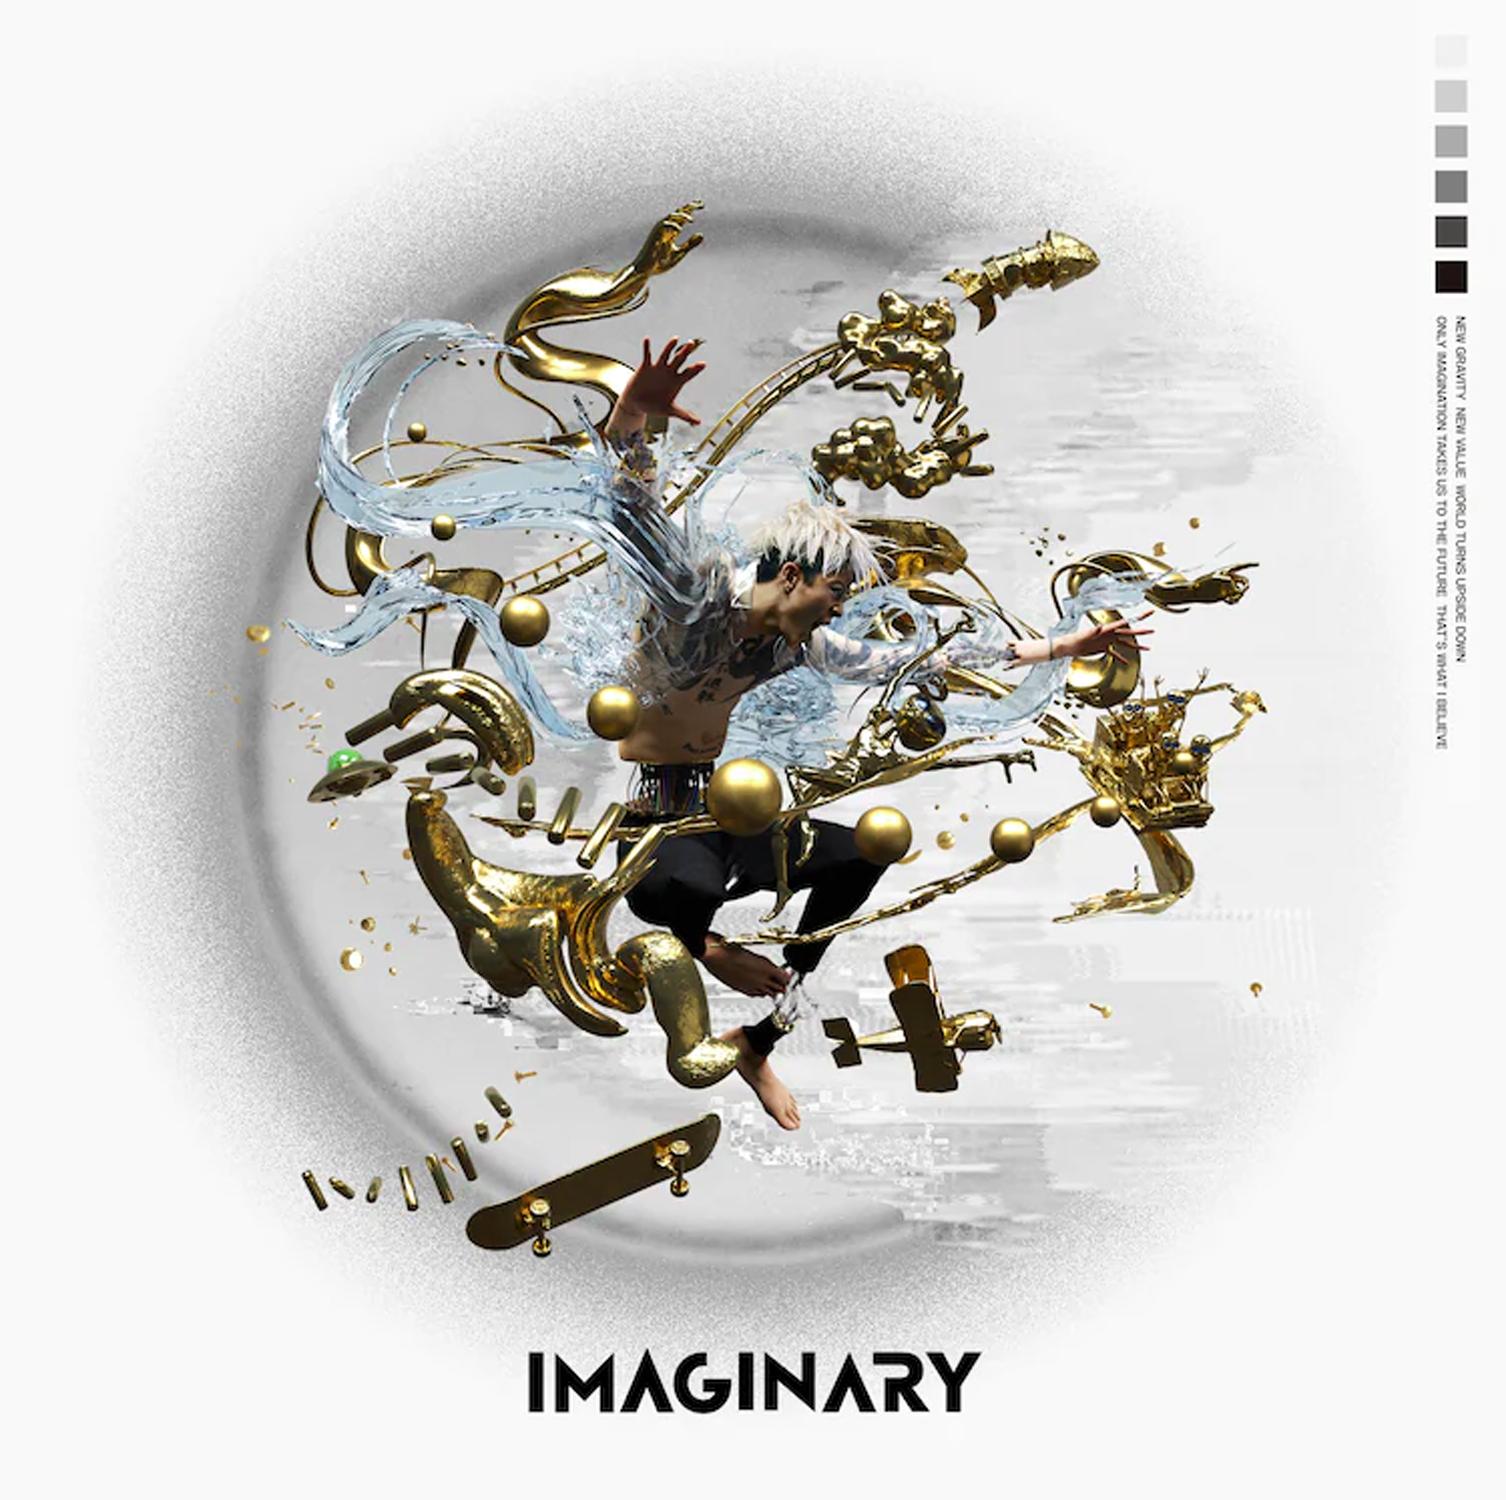 MIYAVI - Imaginary